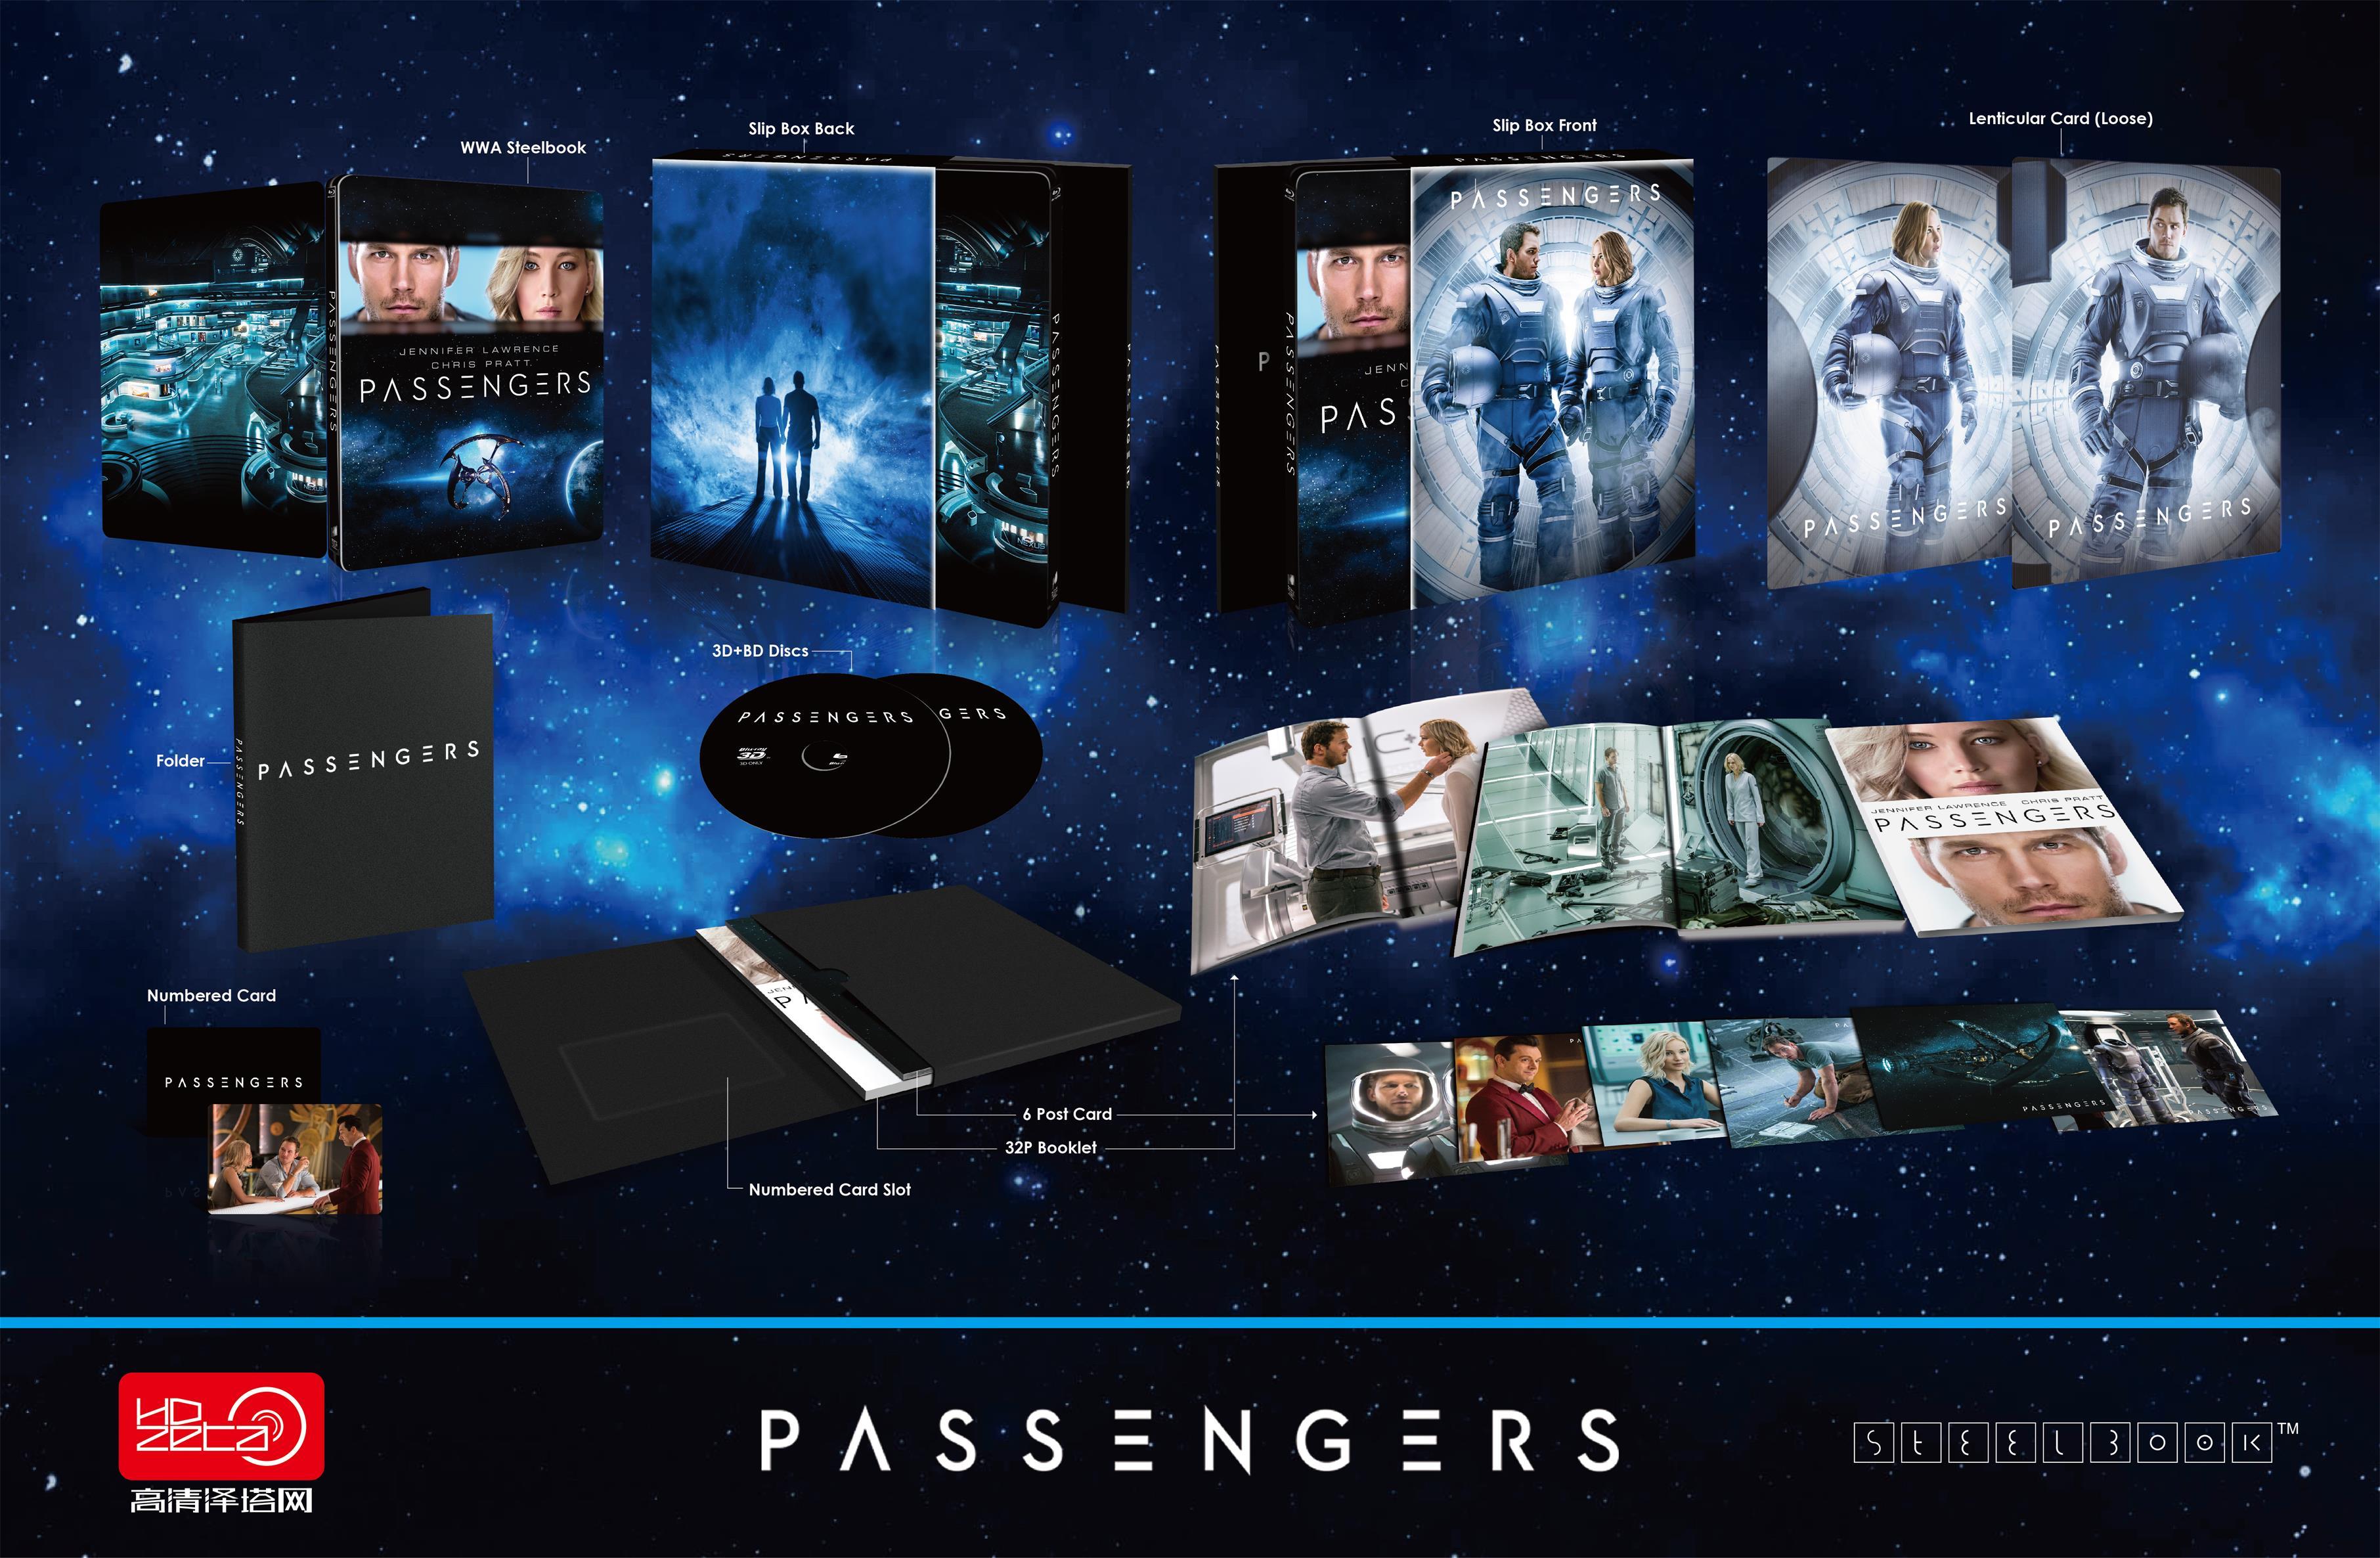 パッセンジャー スチールブック steelbook Passengers HDzeta Silver Label Special Edition